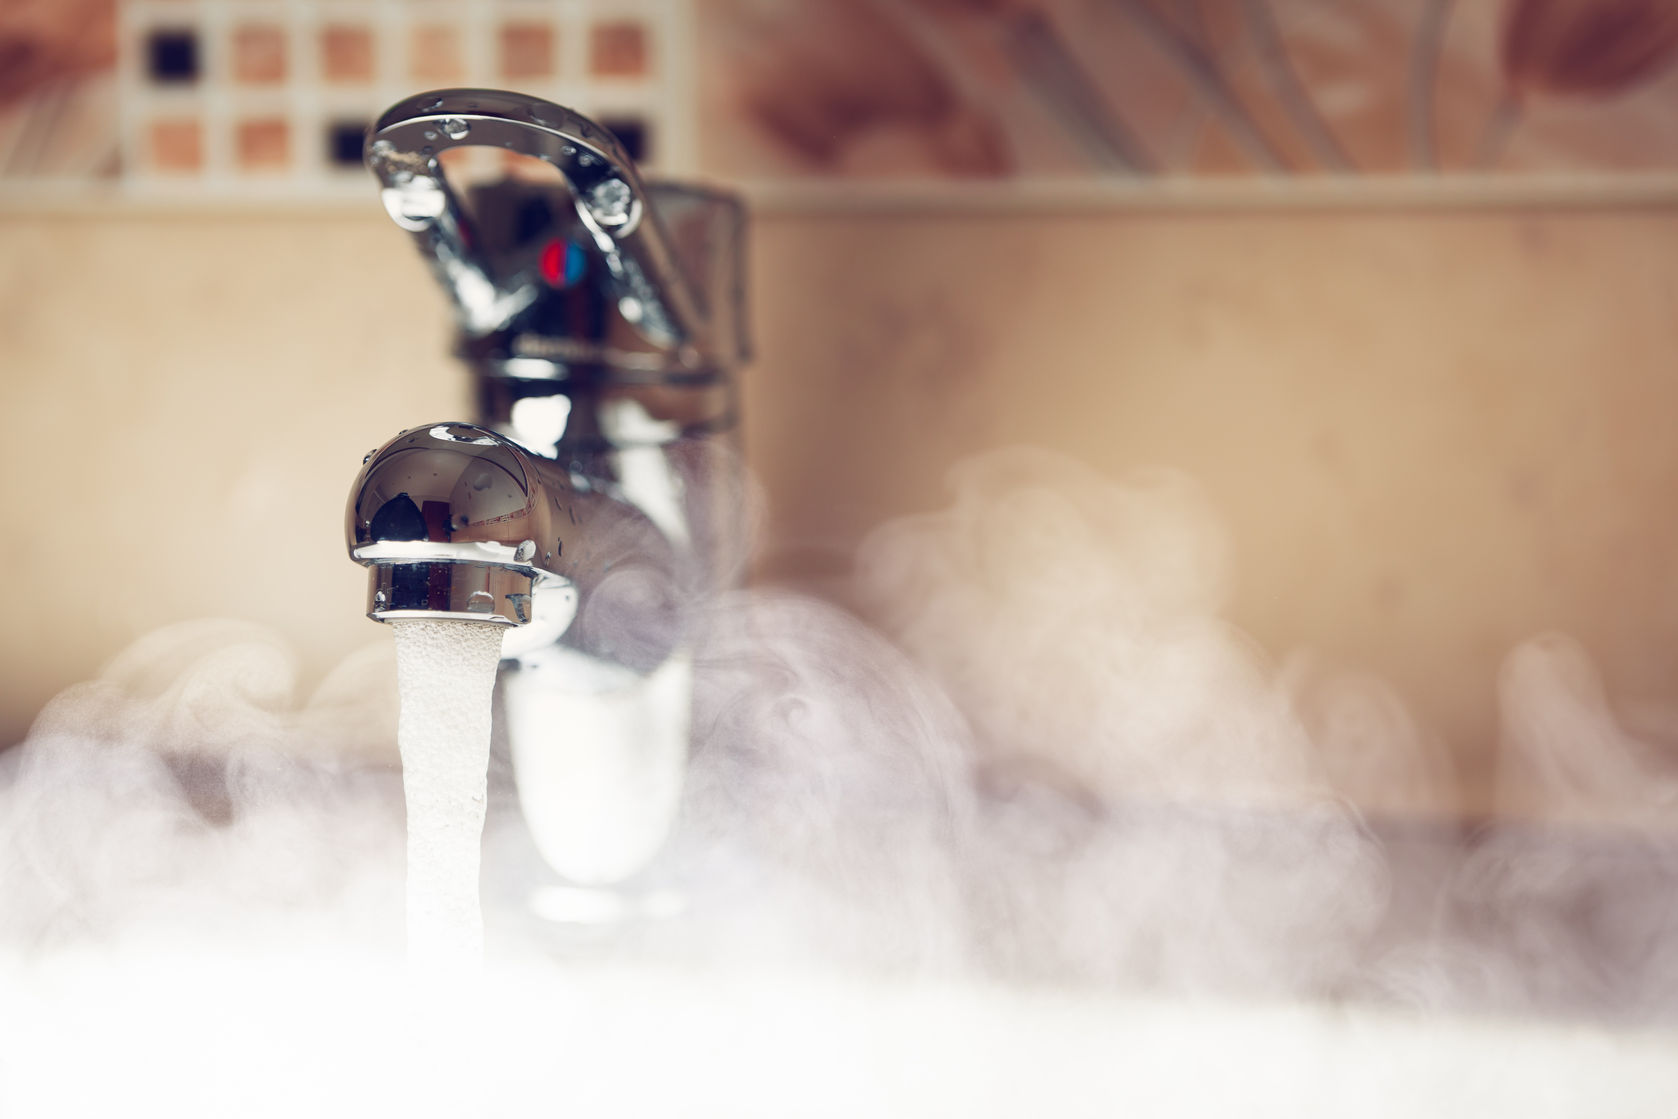 Завышенная температура в водопроводе